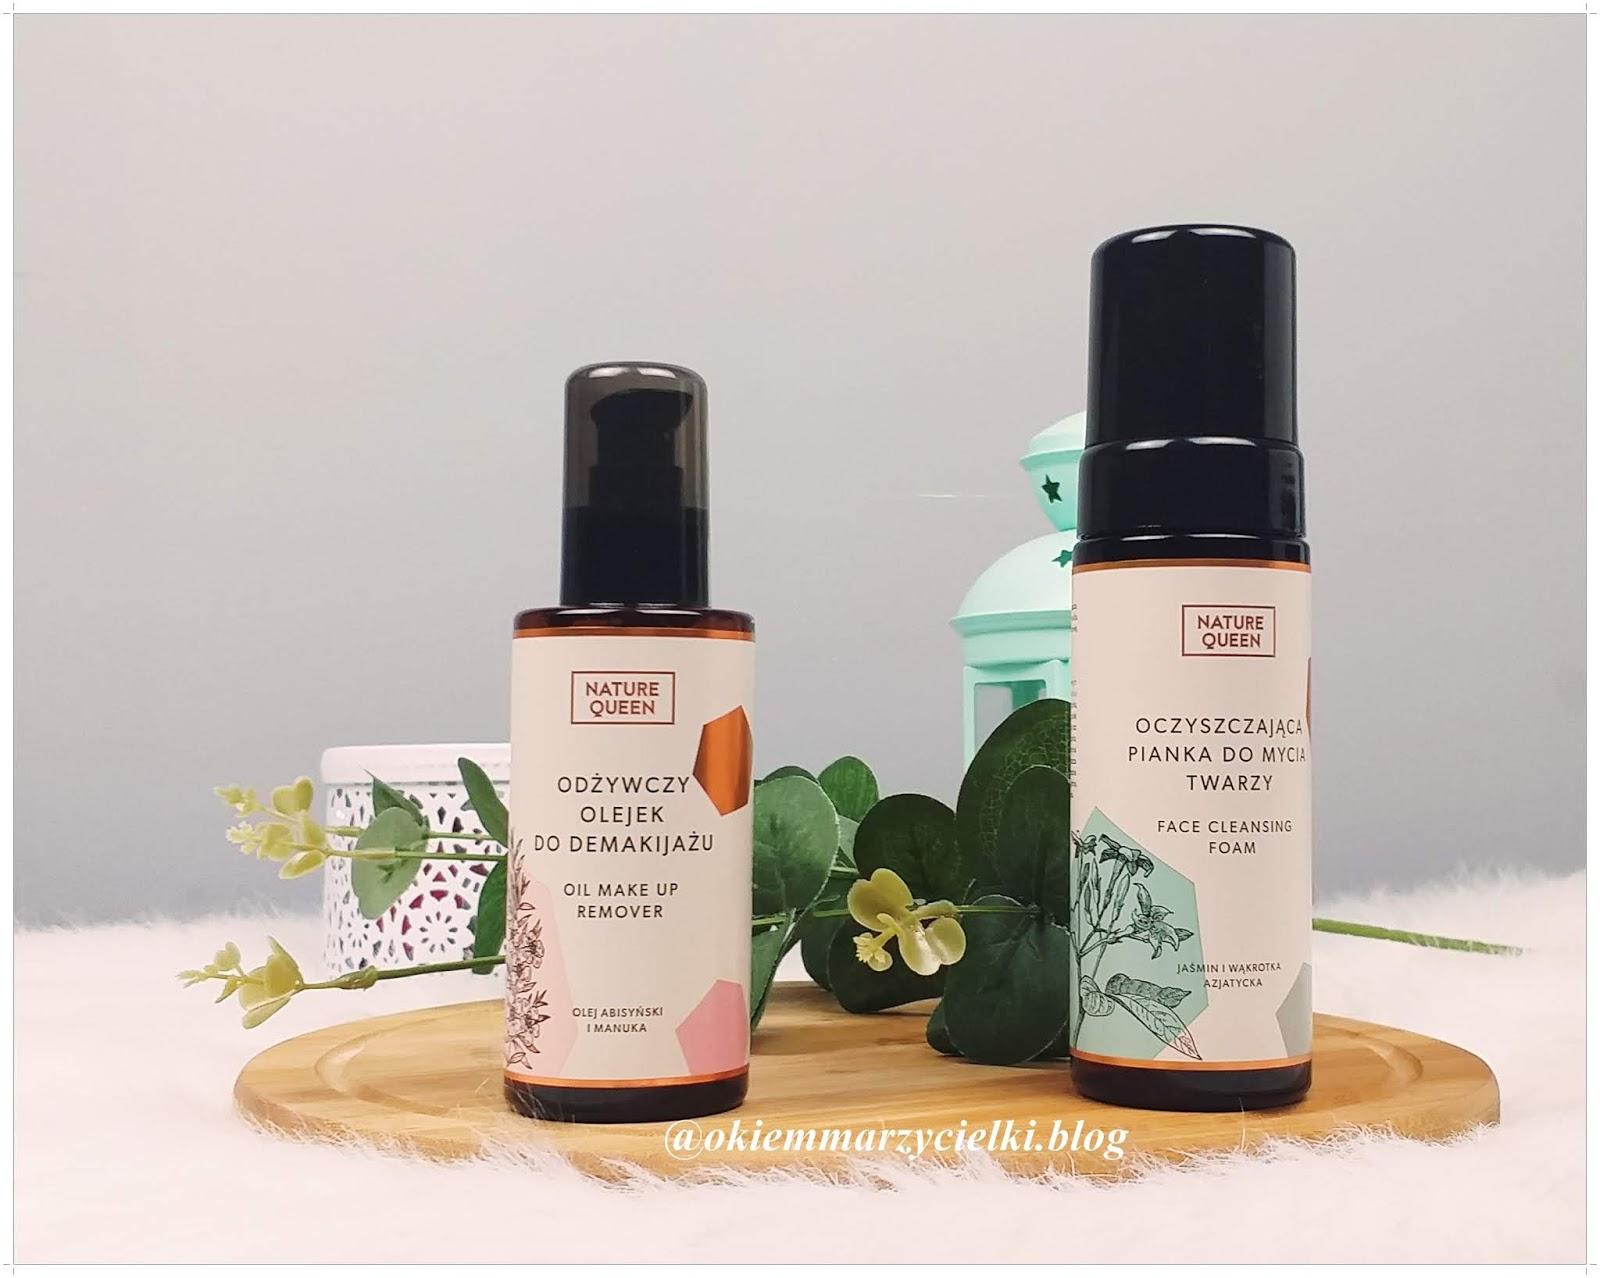 Odżywczy olejek do demakijażu & Oczyszczająca pianka do mycia twarzy, Nature Queen-recenzja #87